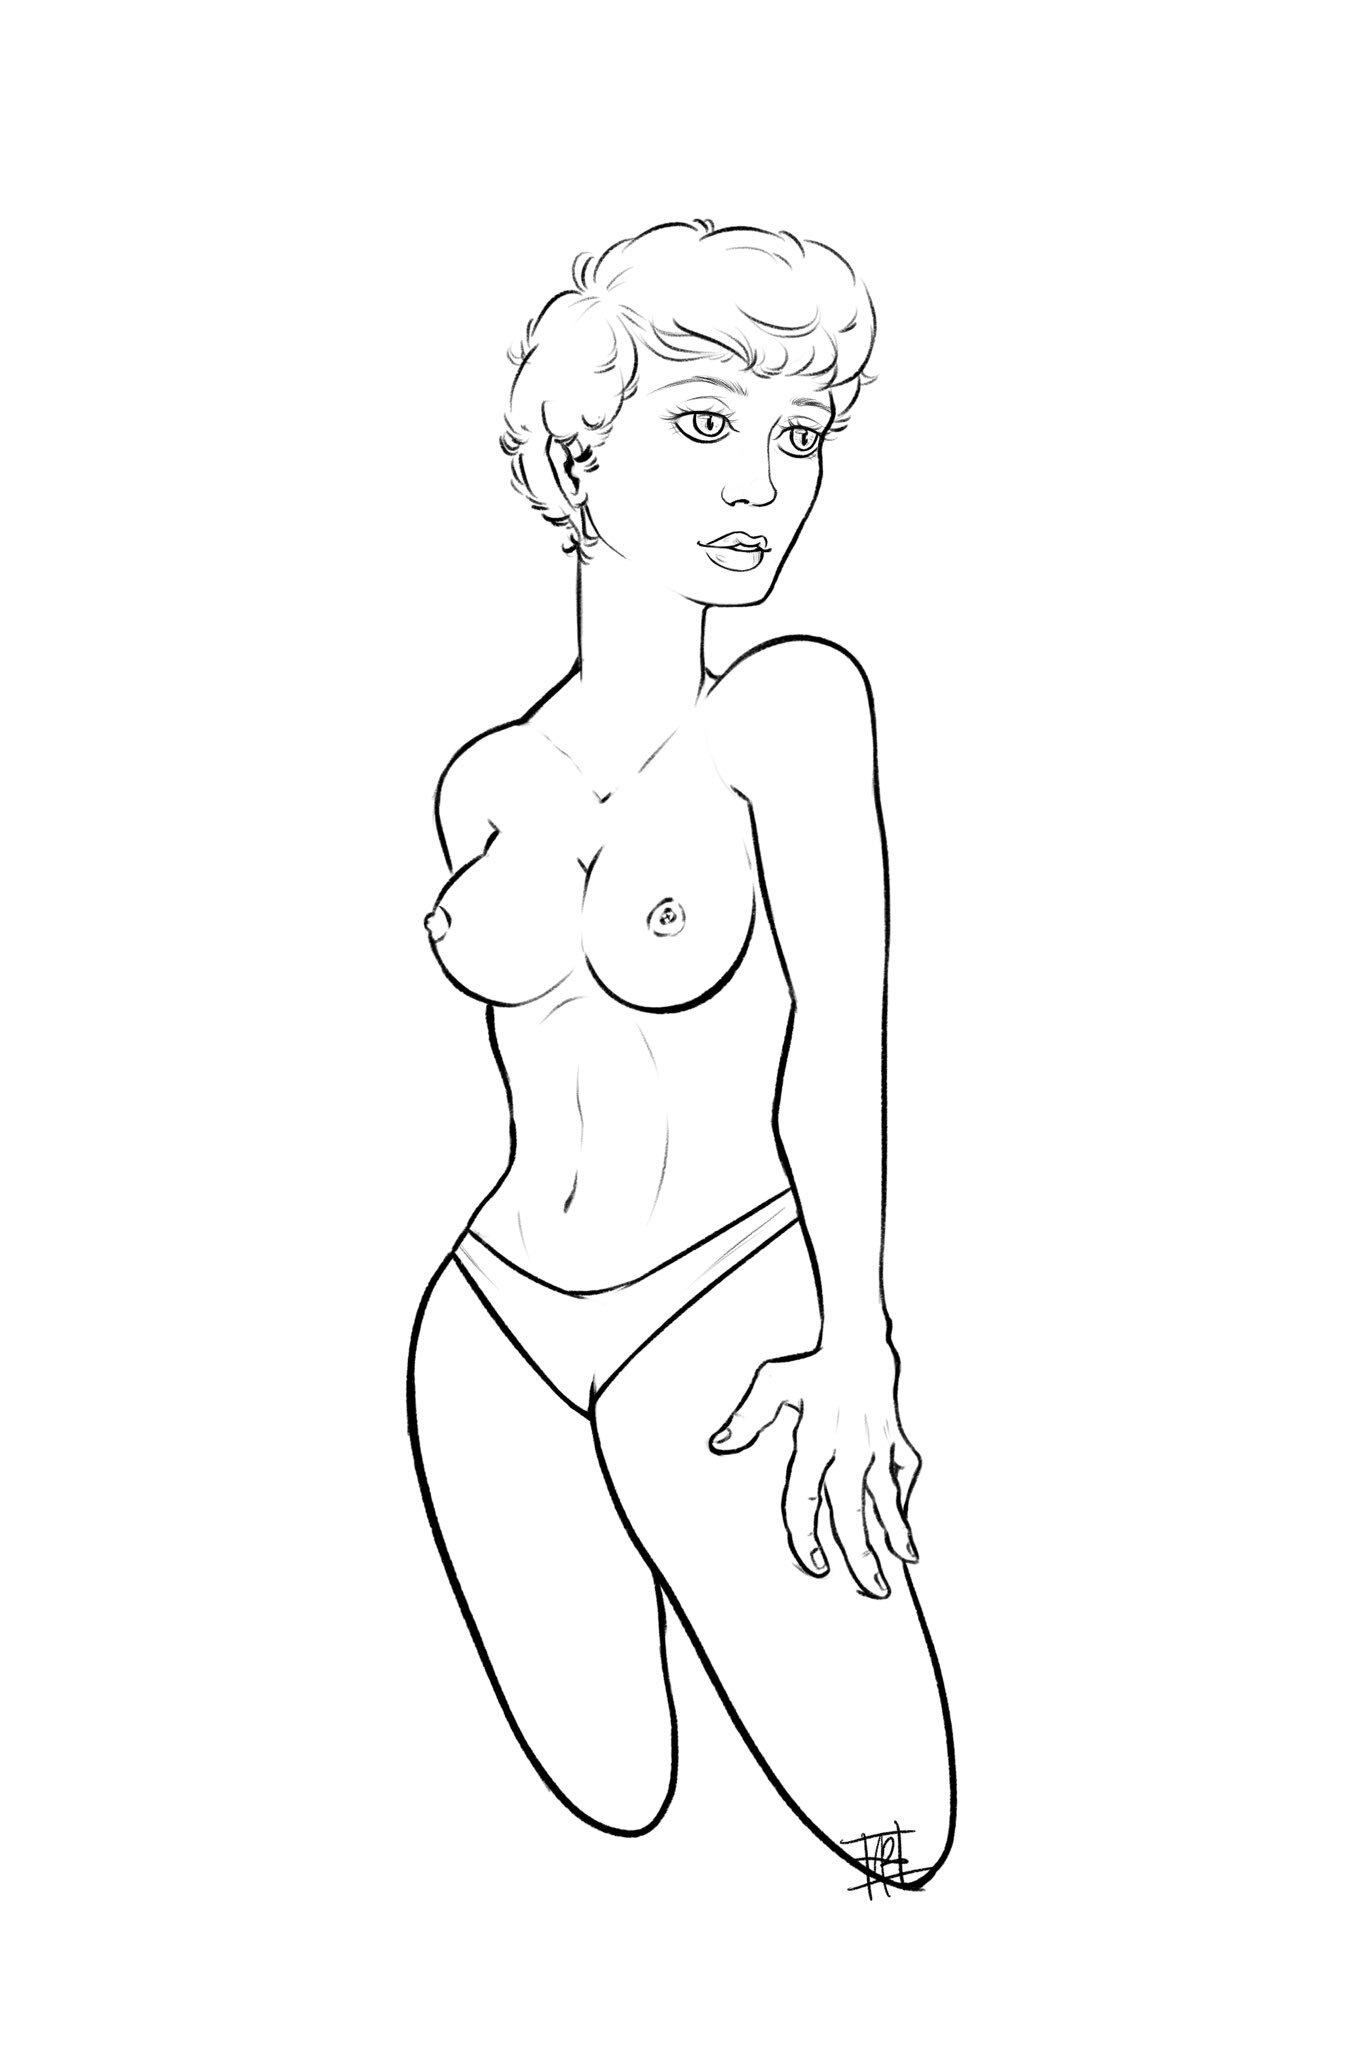 Late Night Drawing